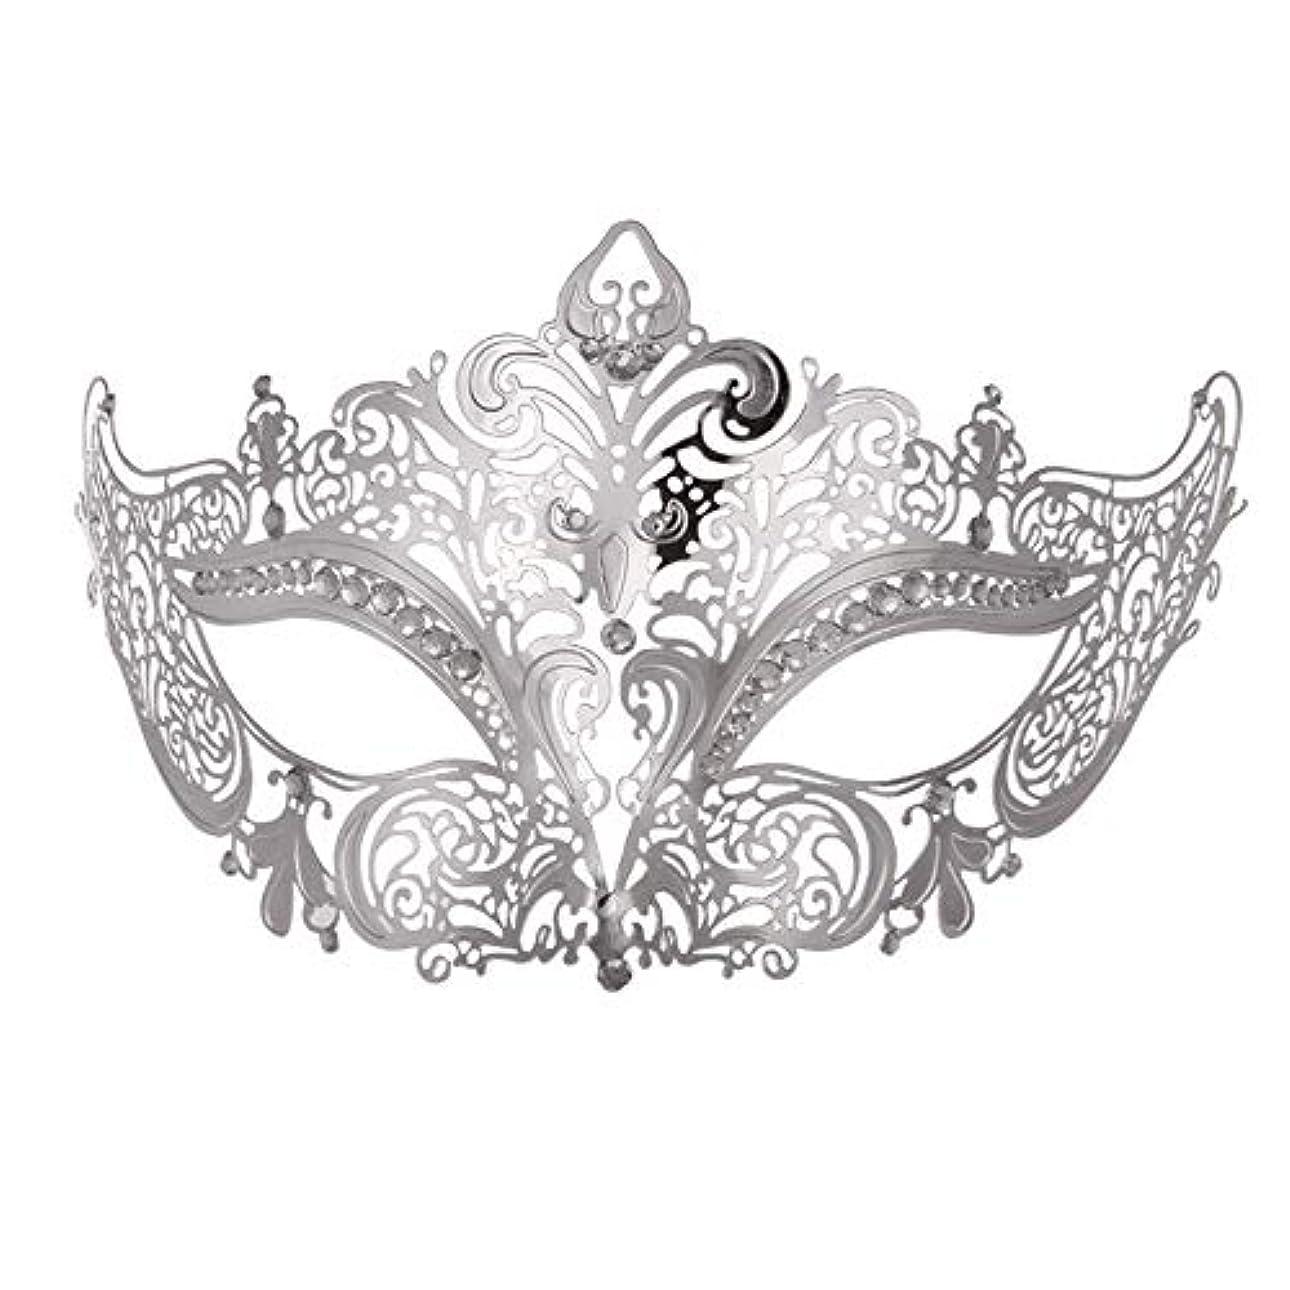 ブリッジミリメートル雹ダンスマスク 高級金メッキ銀マスク仮装小道具ロールプレイングナイトクラブパーティーマスク ホリデーパーティー用品 (色 : 銀, サイズ : Universal)